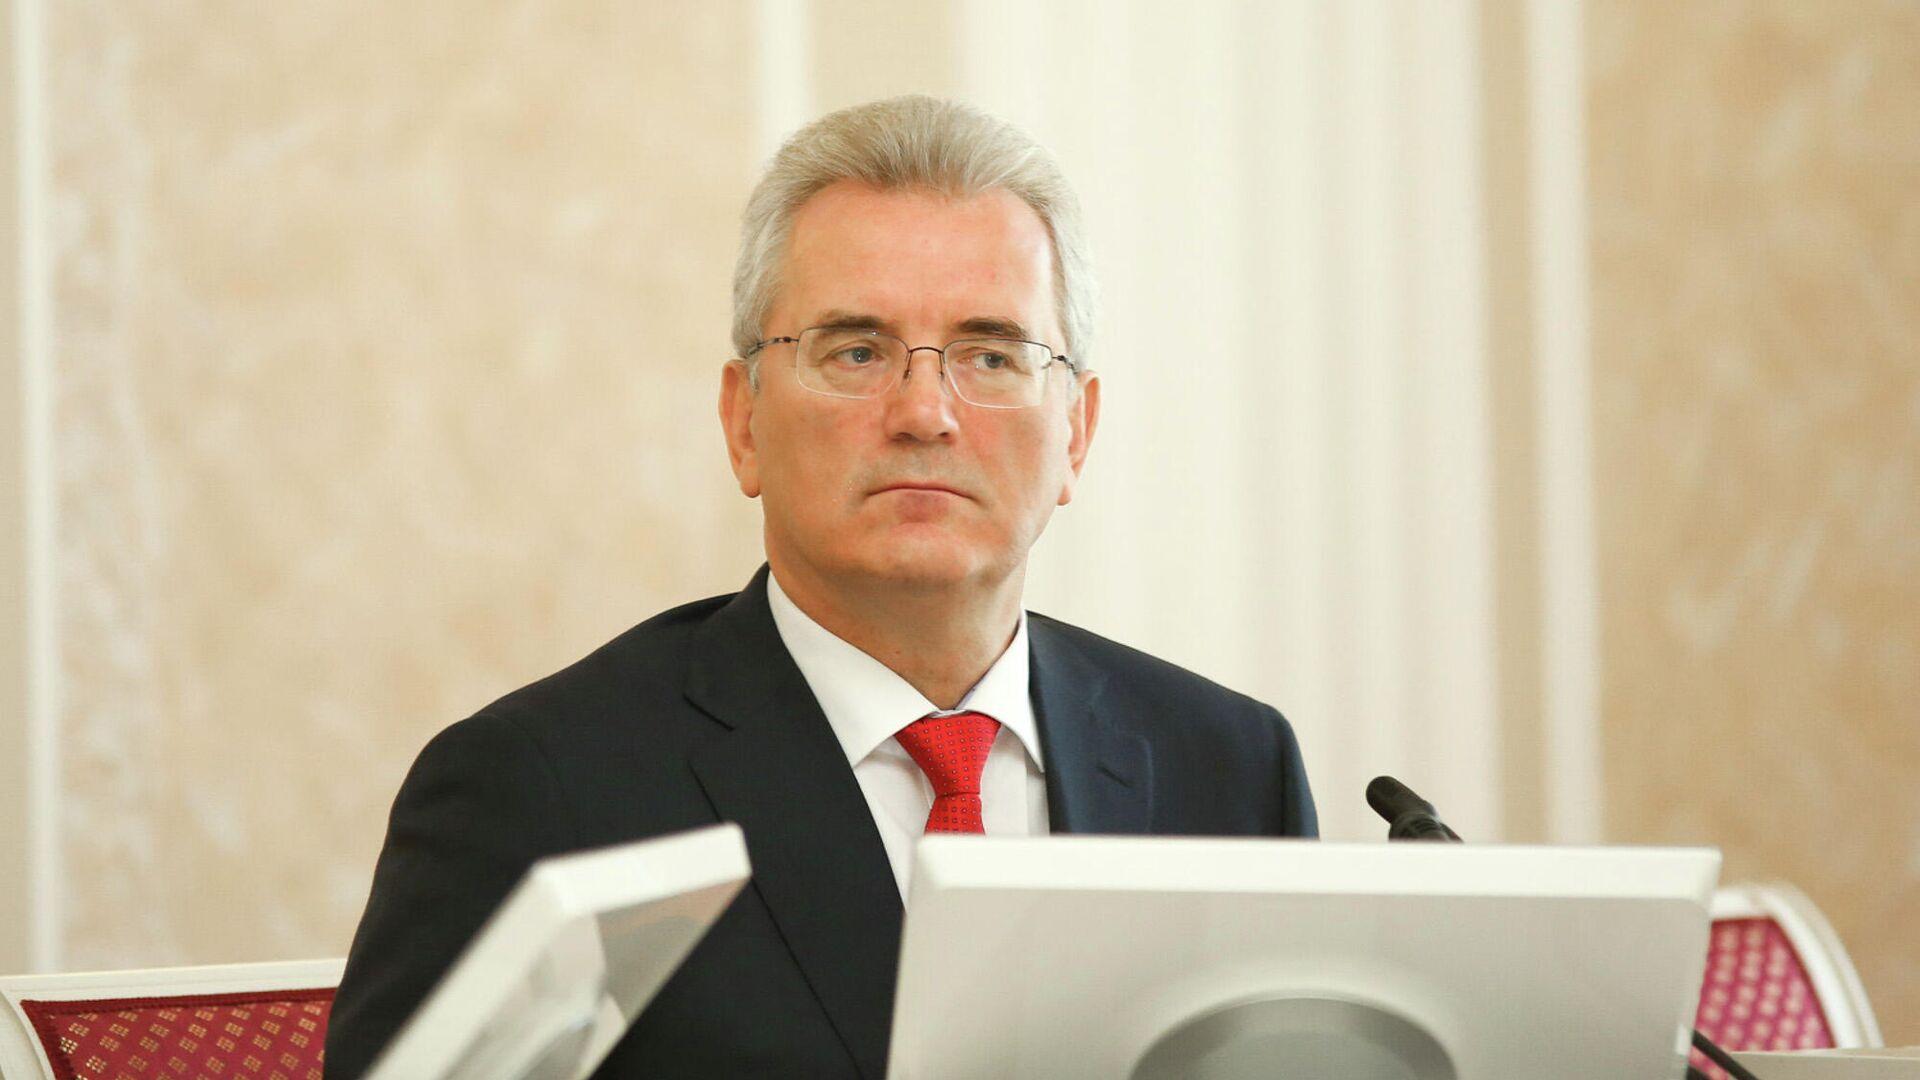 Путин отправил пензенского губернатора Белозерцева в отставку